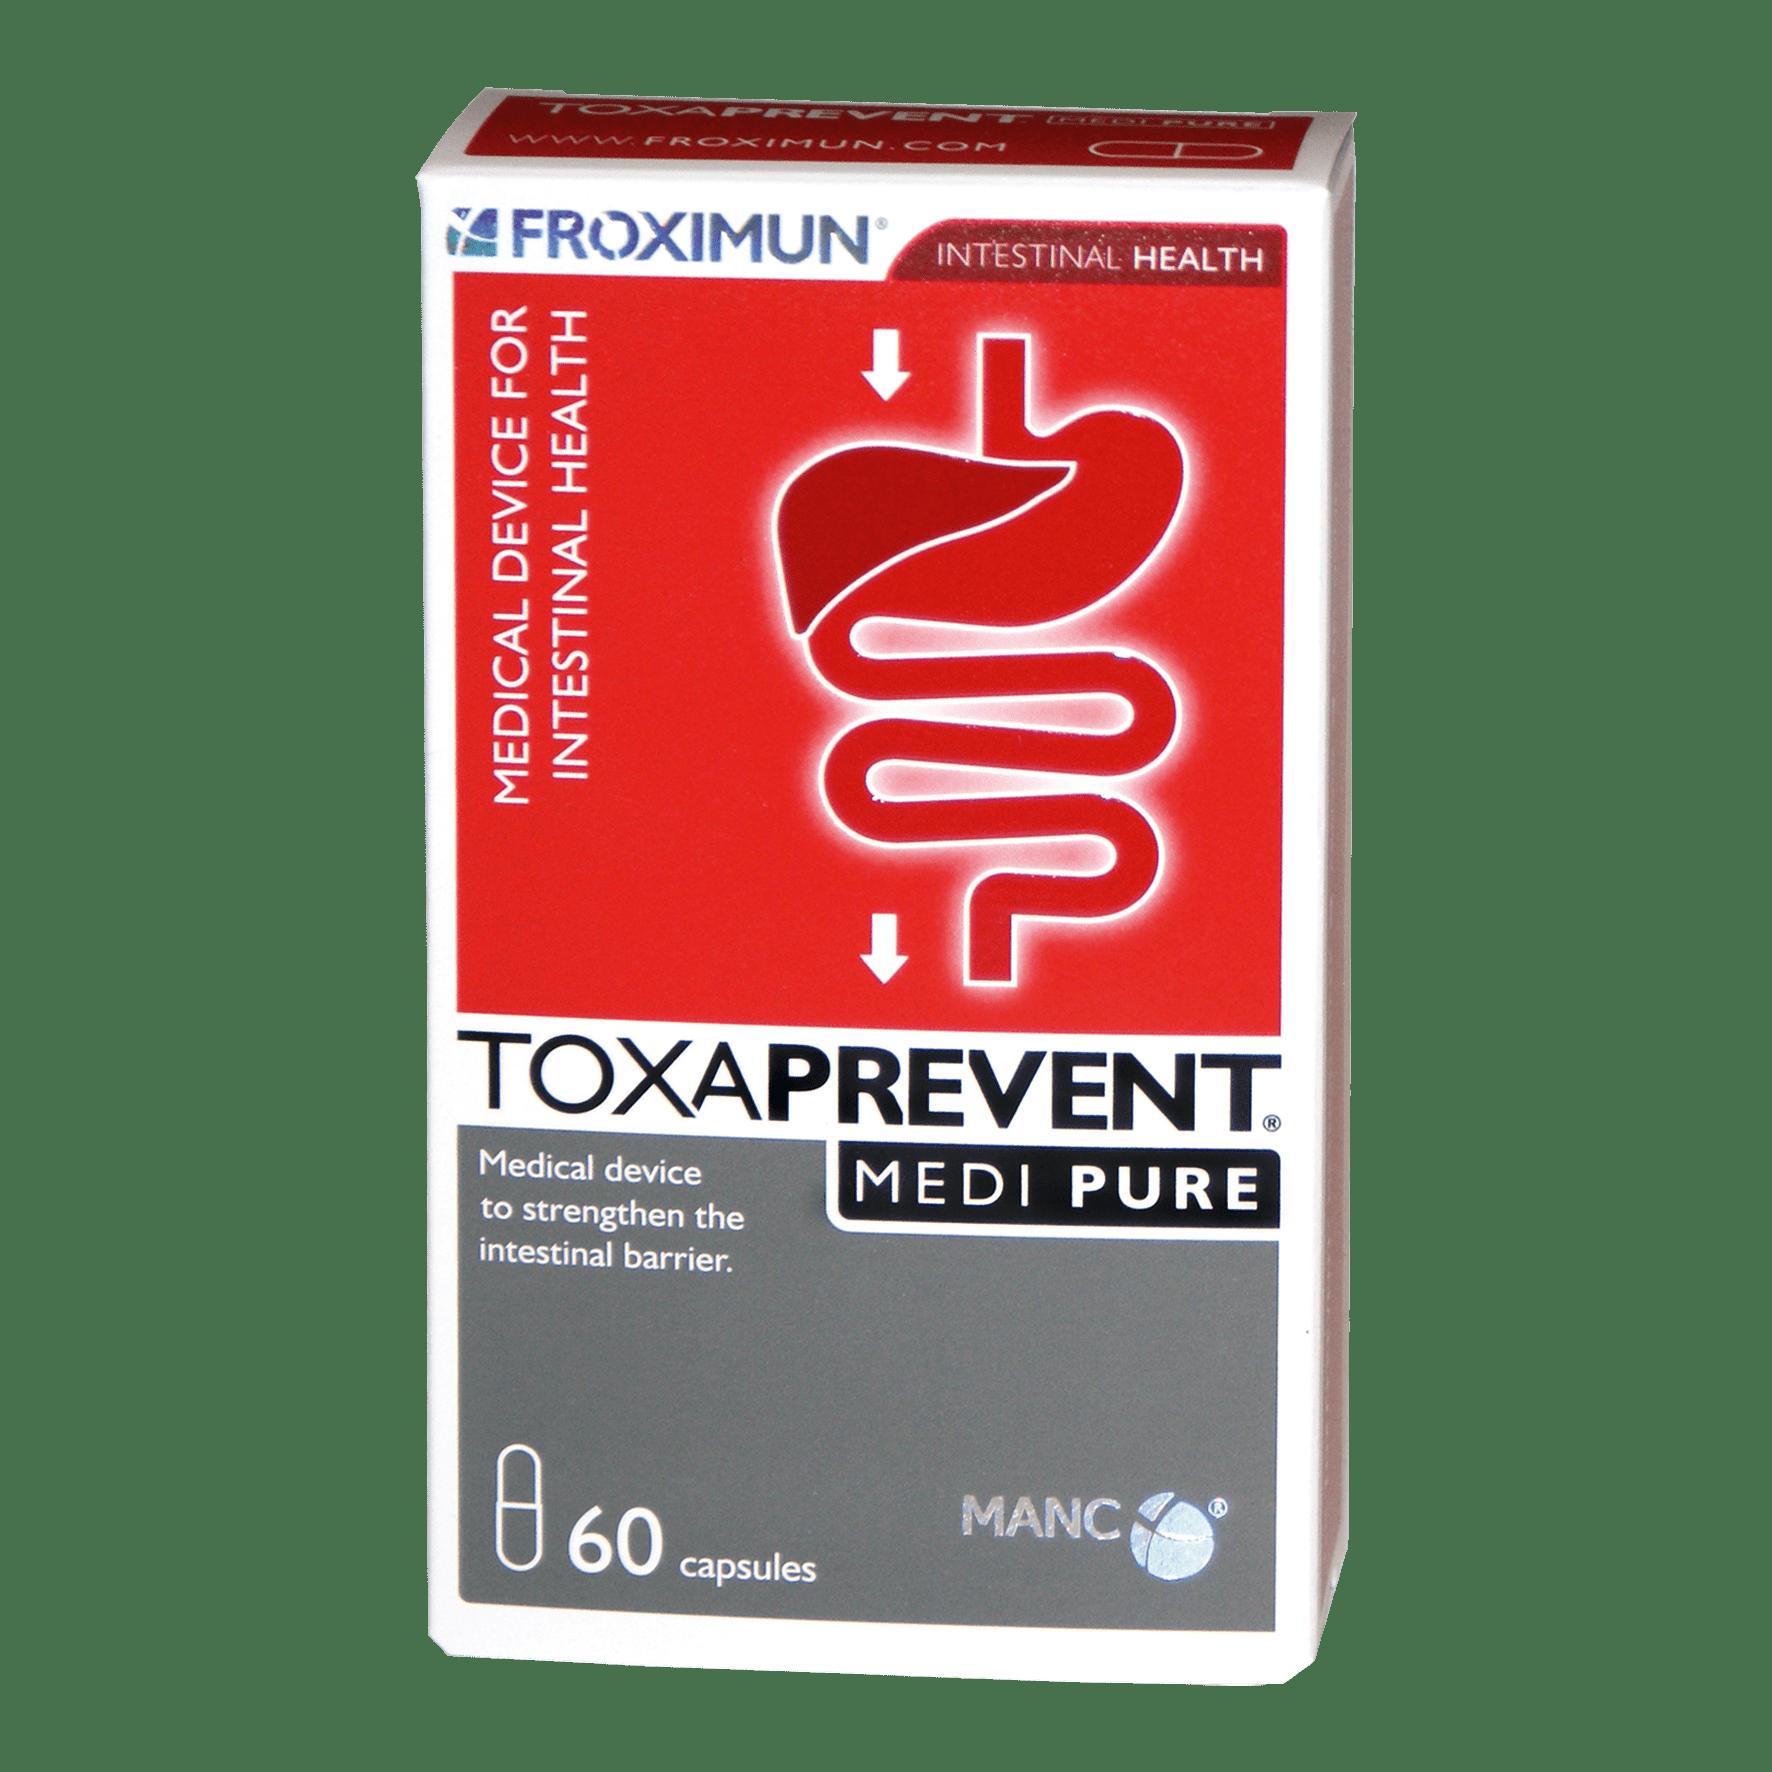 Toxaprevent Medi Pure Capsules 60's